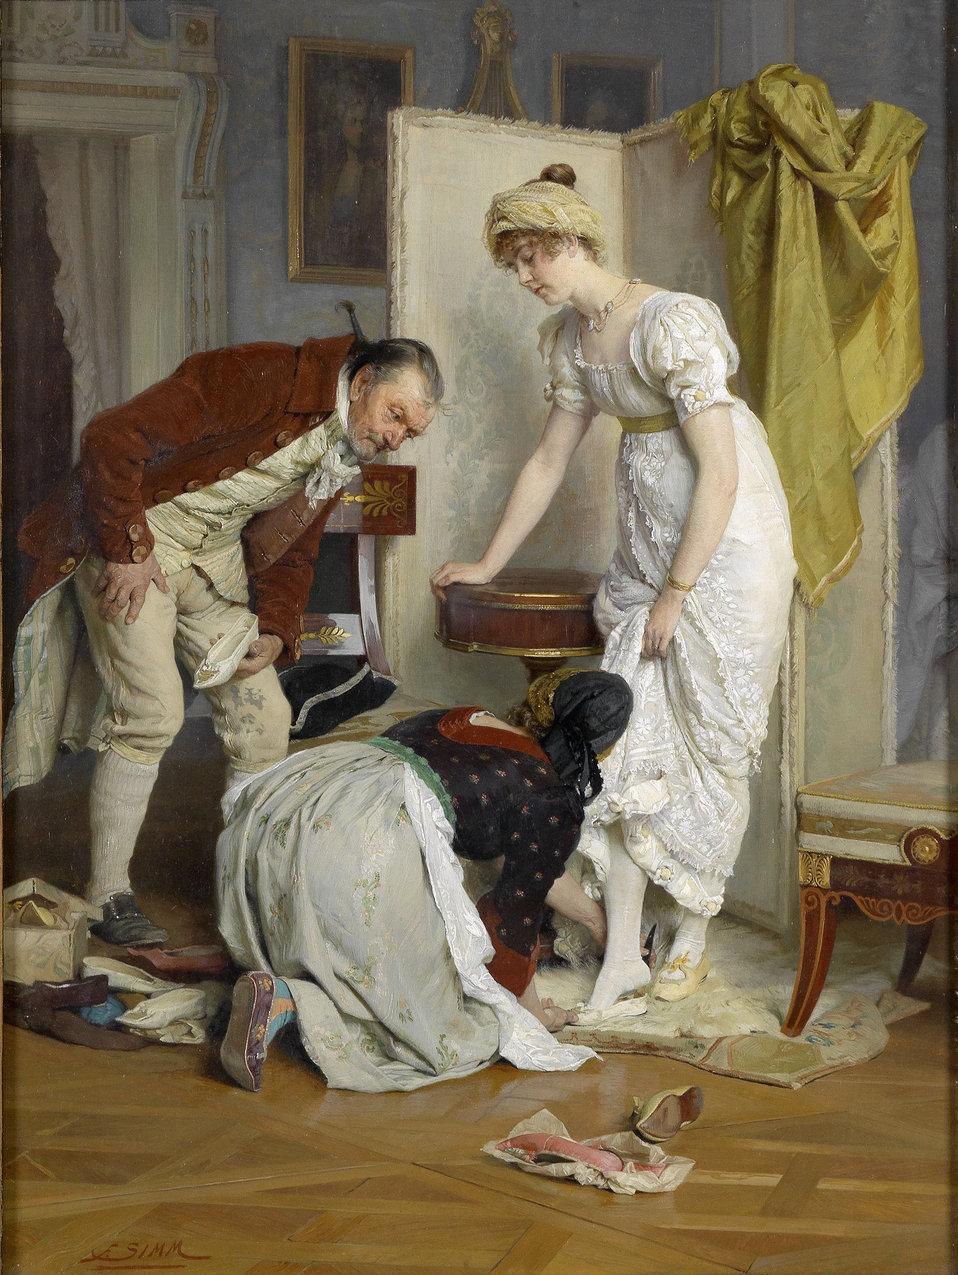 'Die Schuhprobe', rückseitig betitelt, signiert F. Simm, Öl auf Holz, 42 x 32 cm